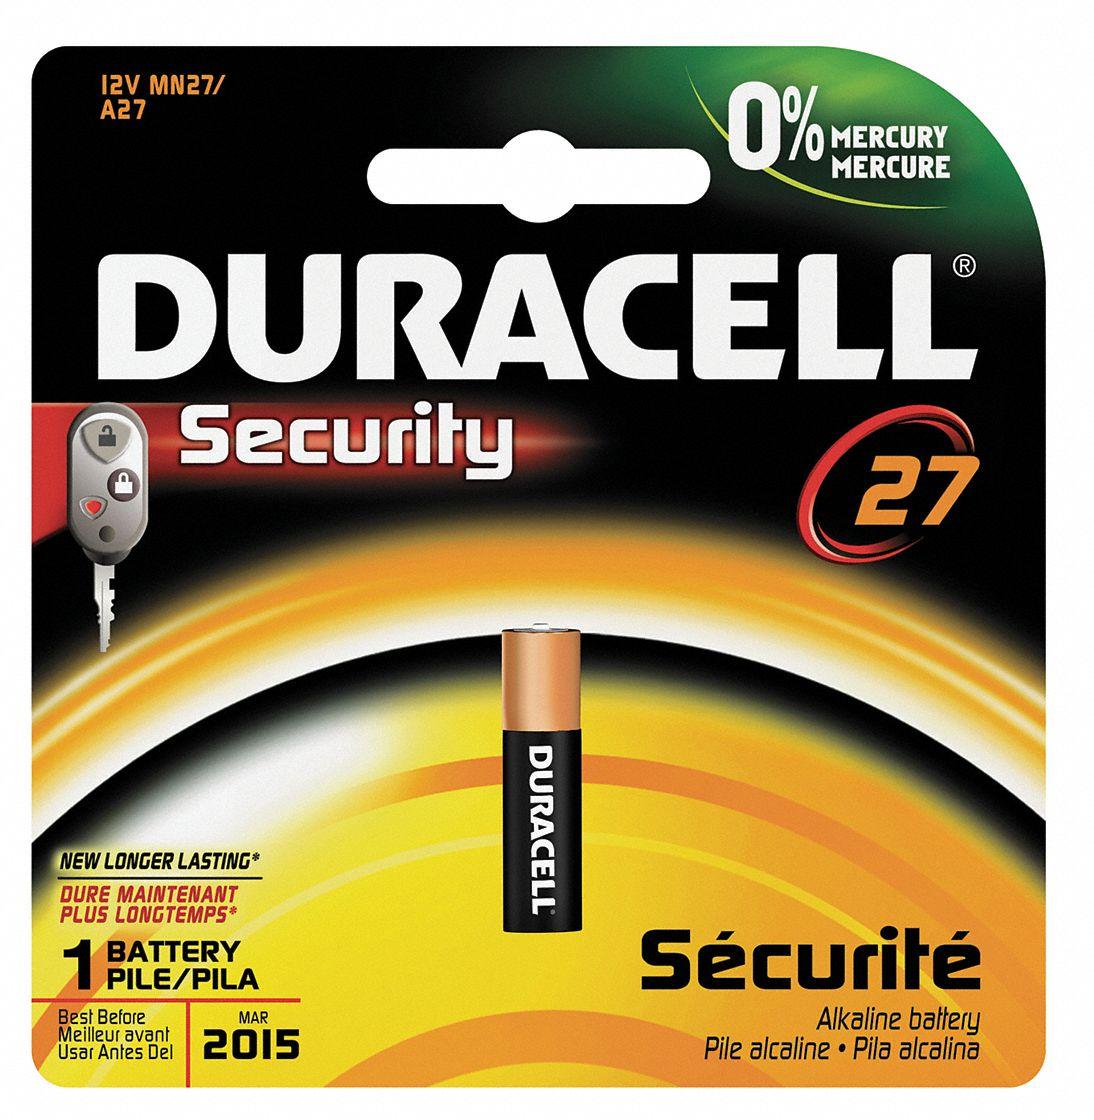 Duracell Battery Mn27 Alkaline 12v 5hxn4 Mn27bpk Grainger